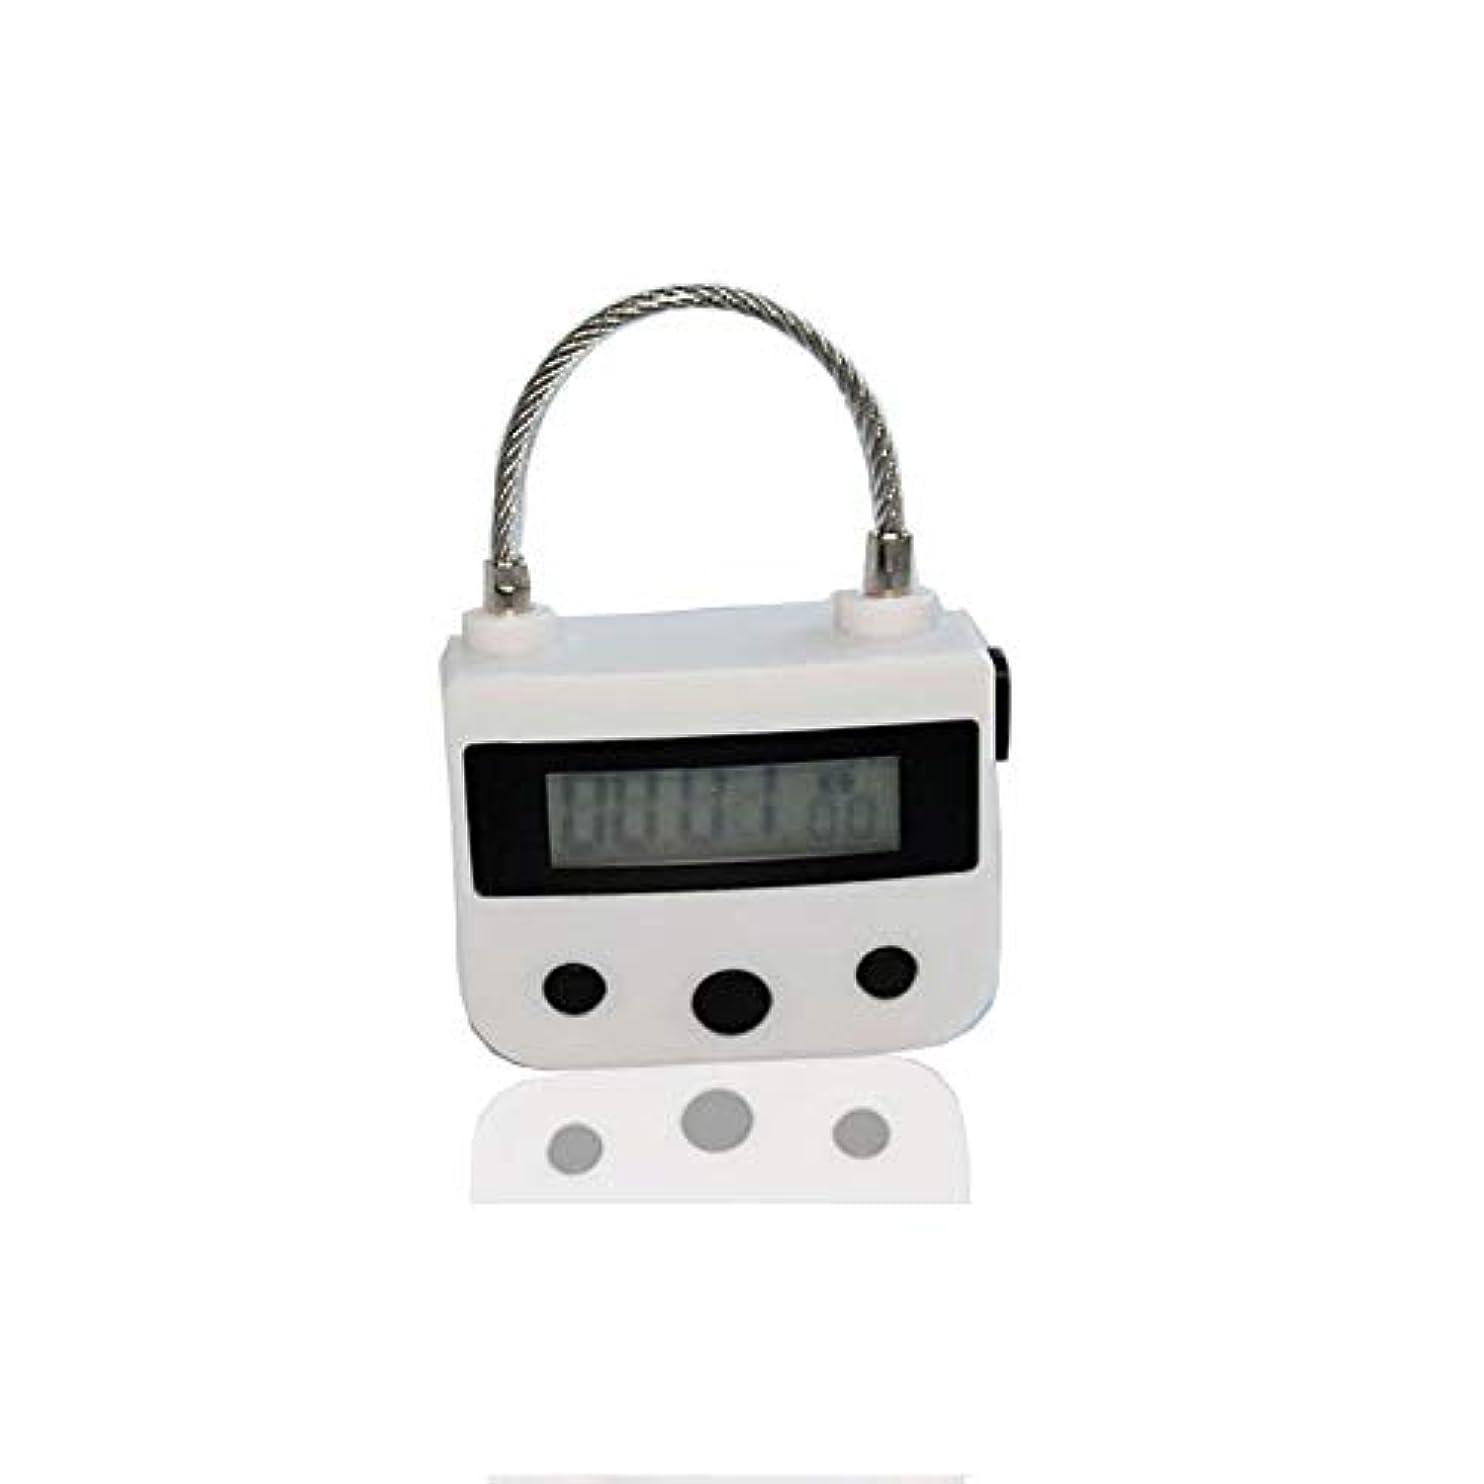 ダブル絶対の雪の電気マッサージ器A、タイマー南京錠USB充電式マッサージマニュアルAインパクト、電子タイマー時限ロックマルチファンクションロックはLCDディスプレイと一緒に旅行をダウンロード,白